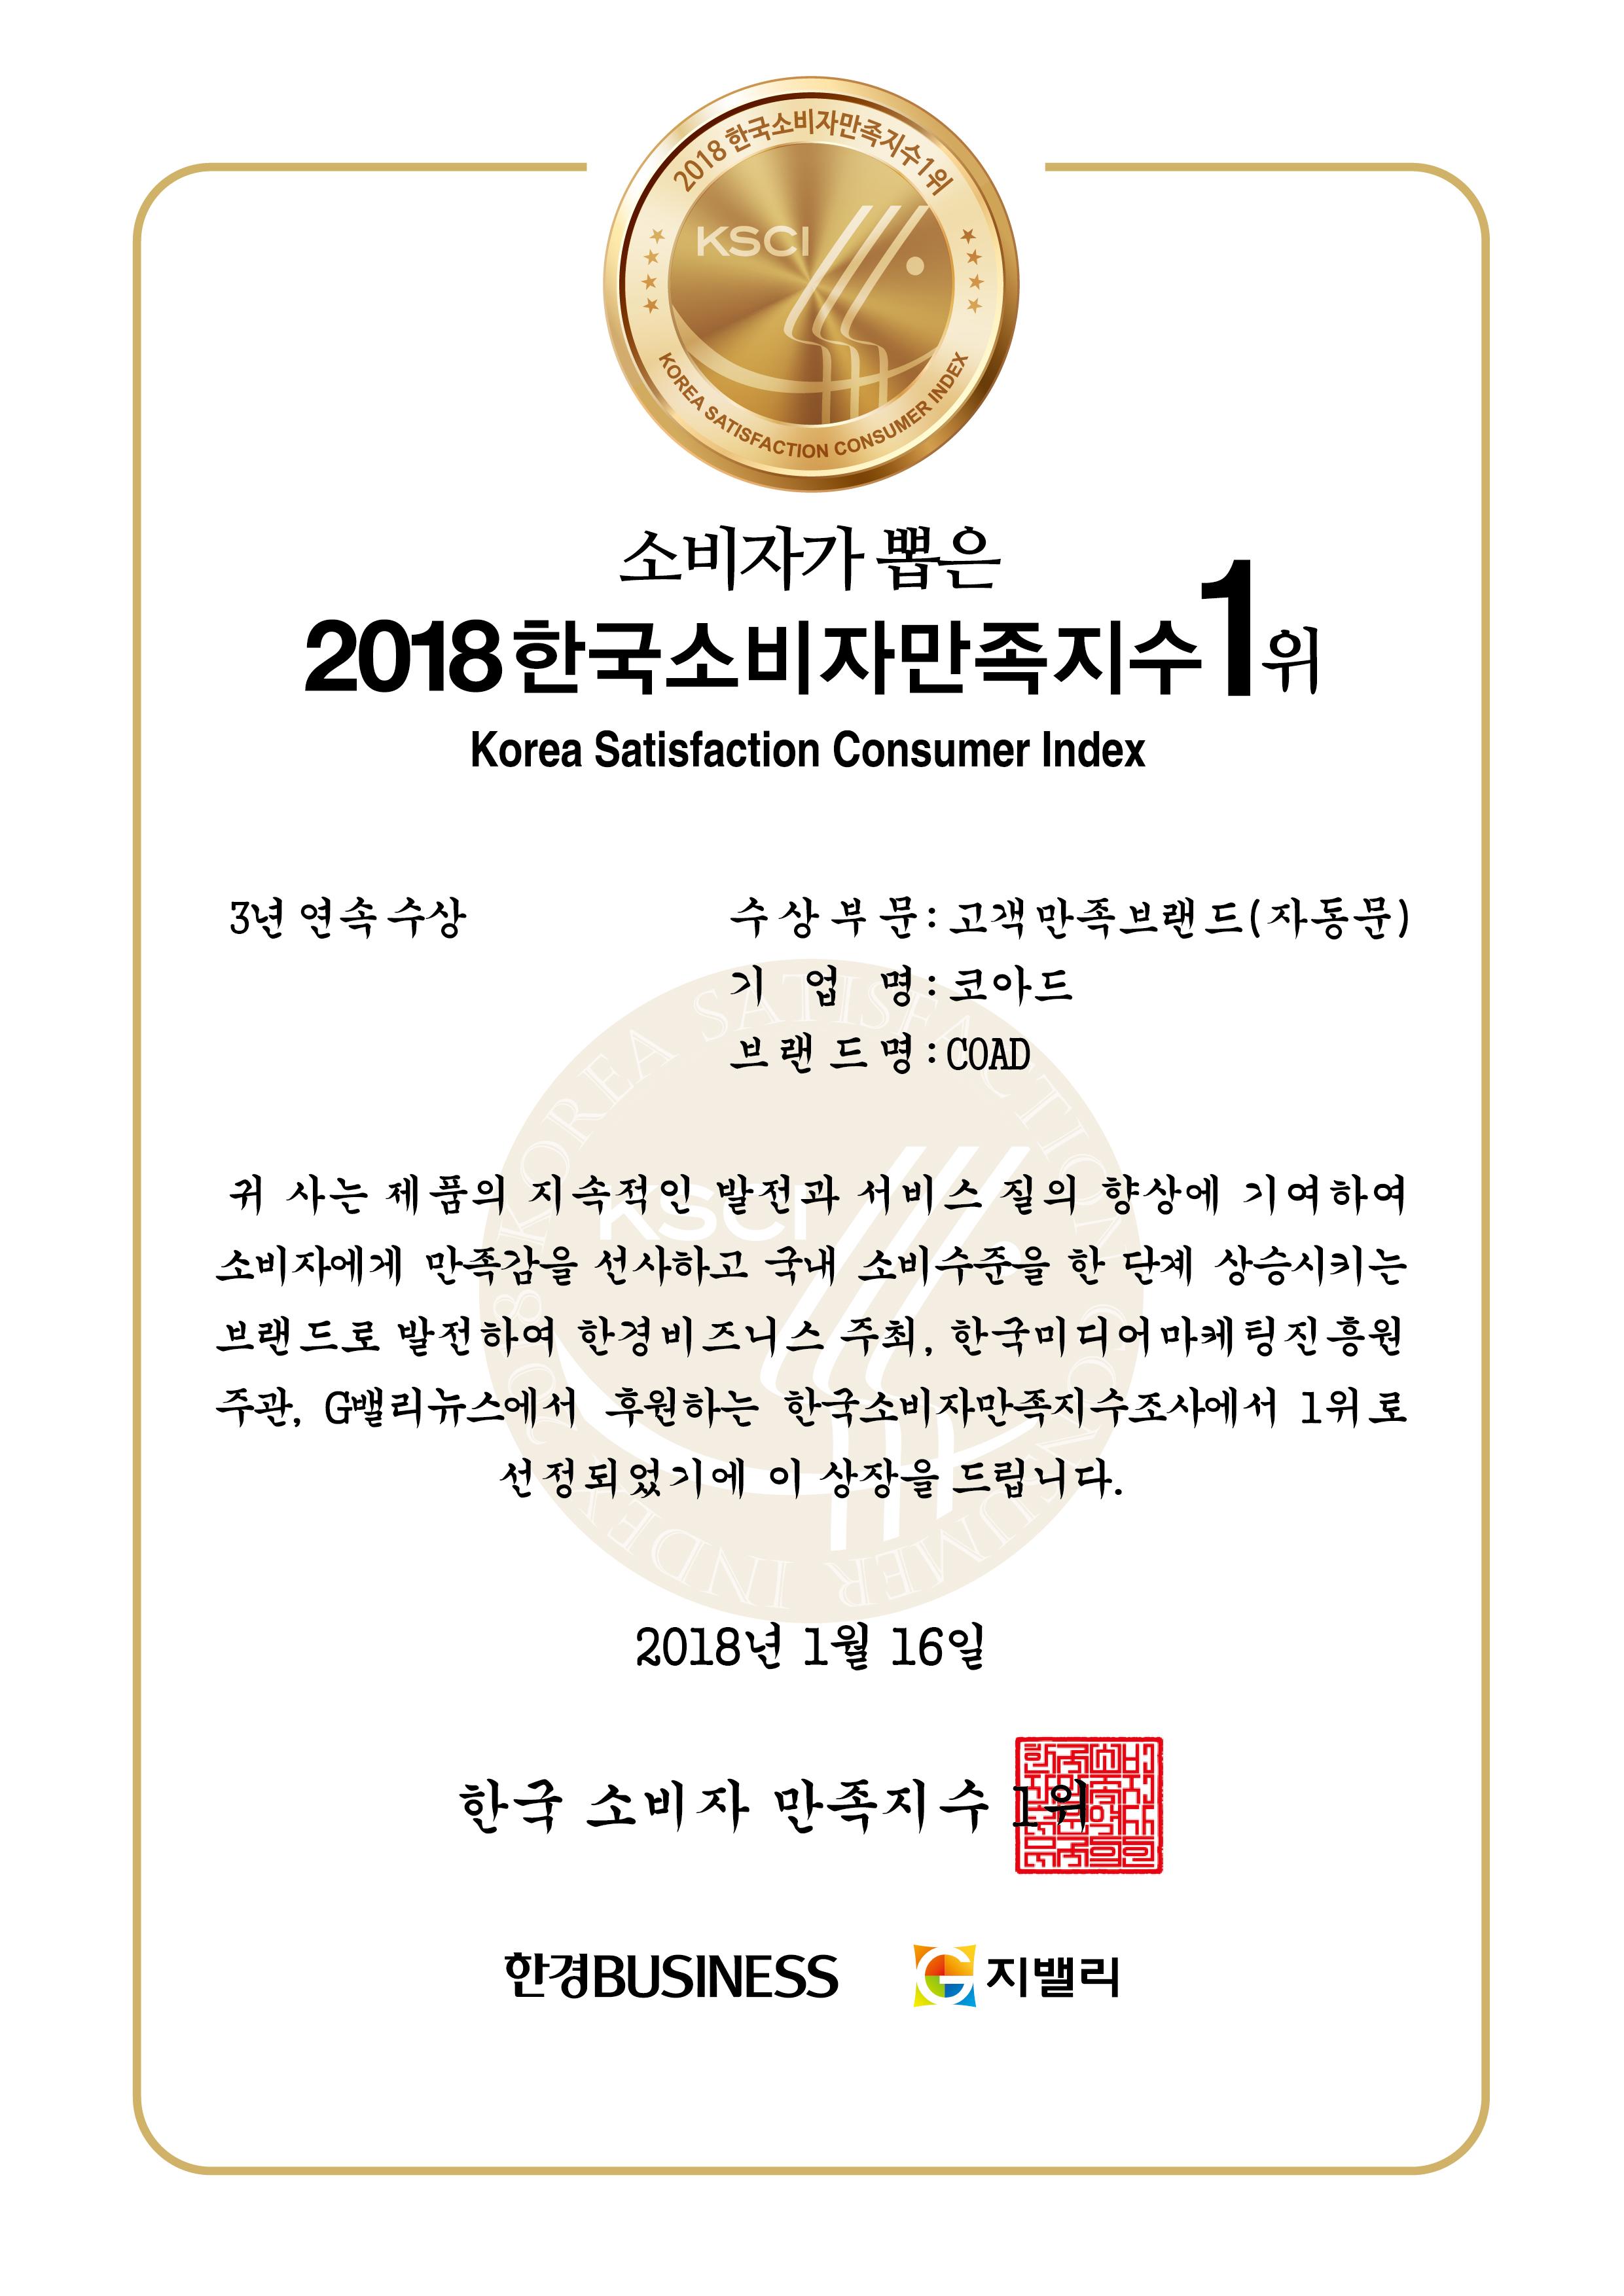 한국소비자만족지수1위_2018_상장_COAD